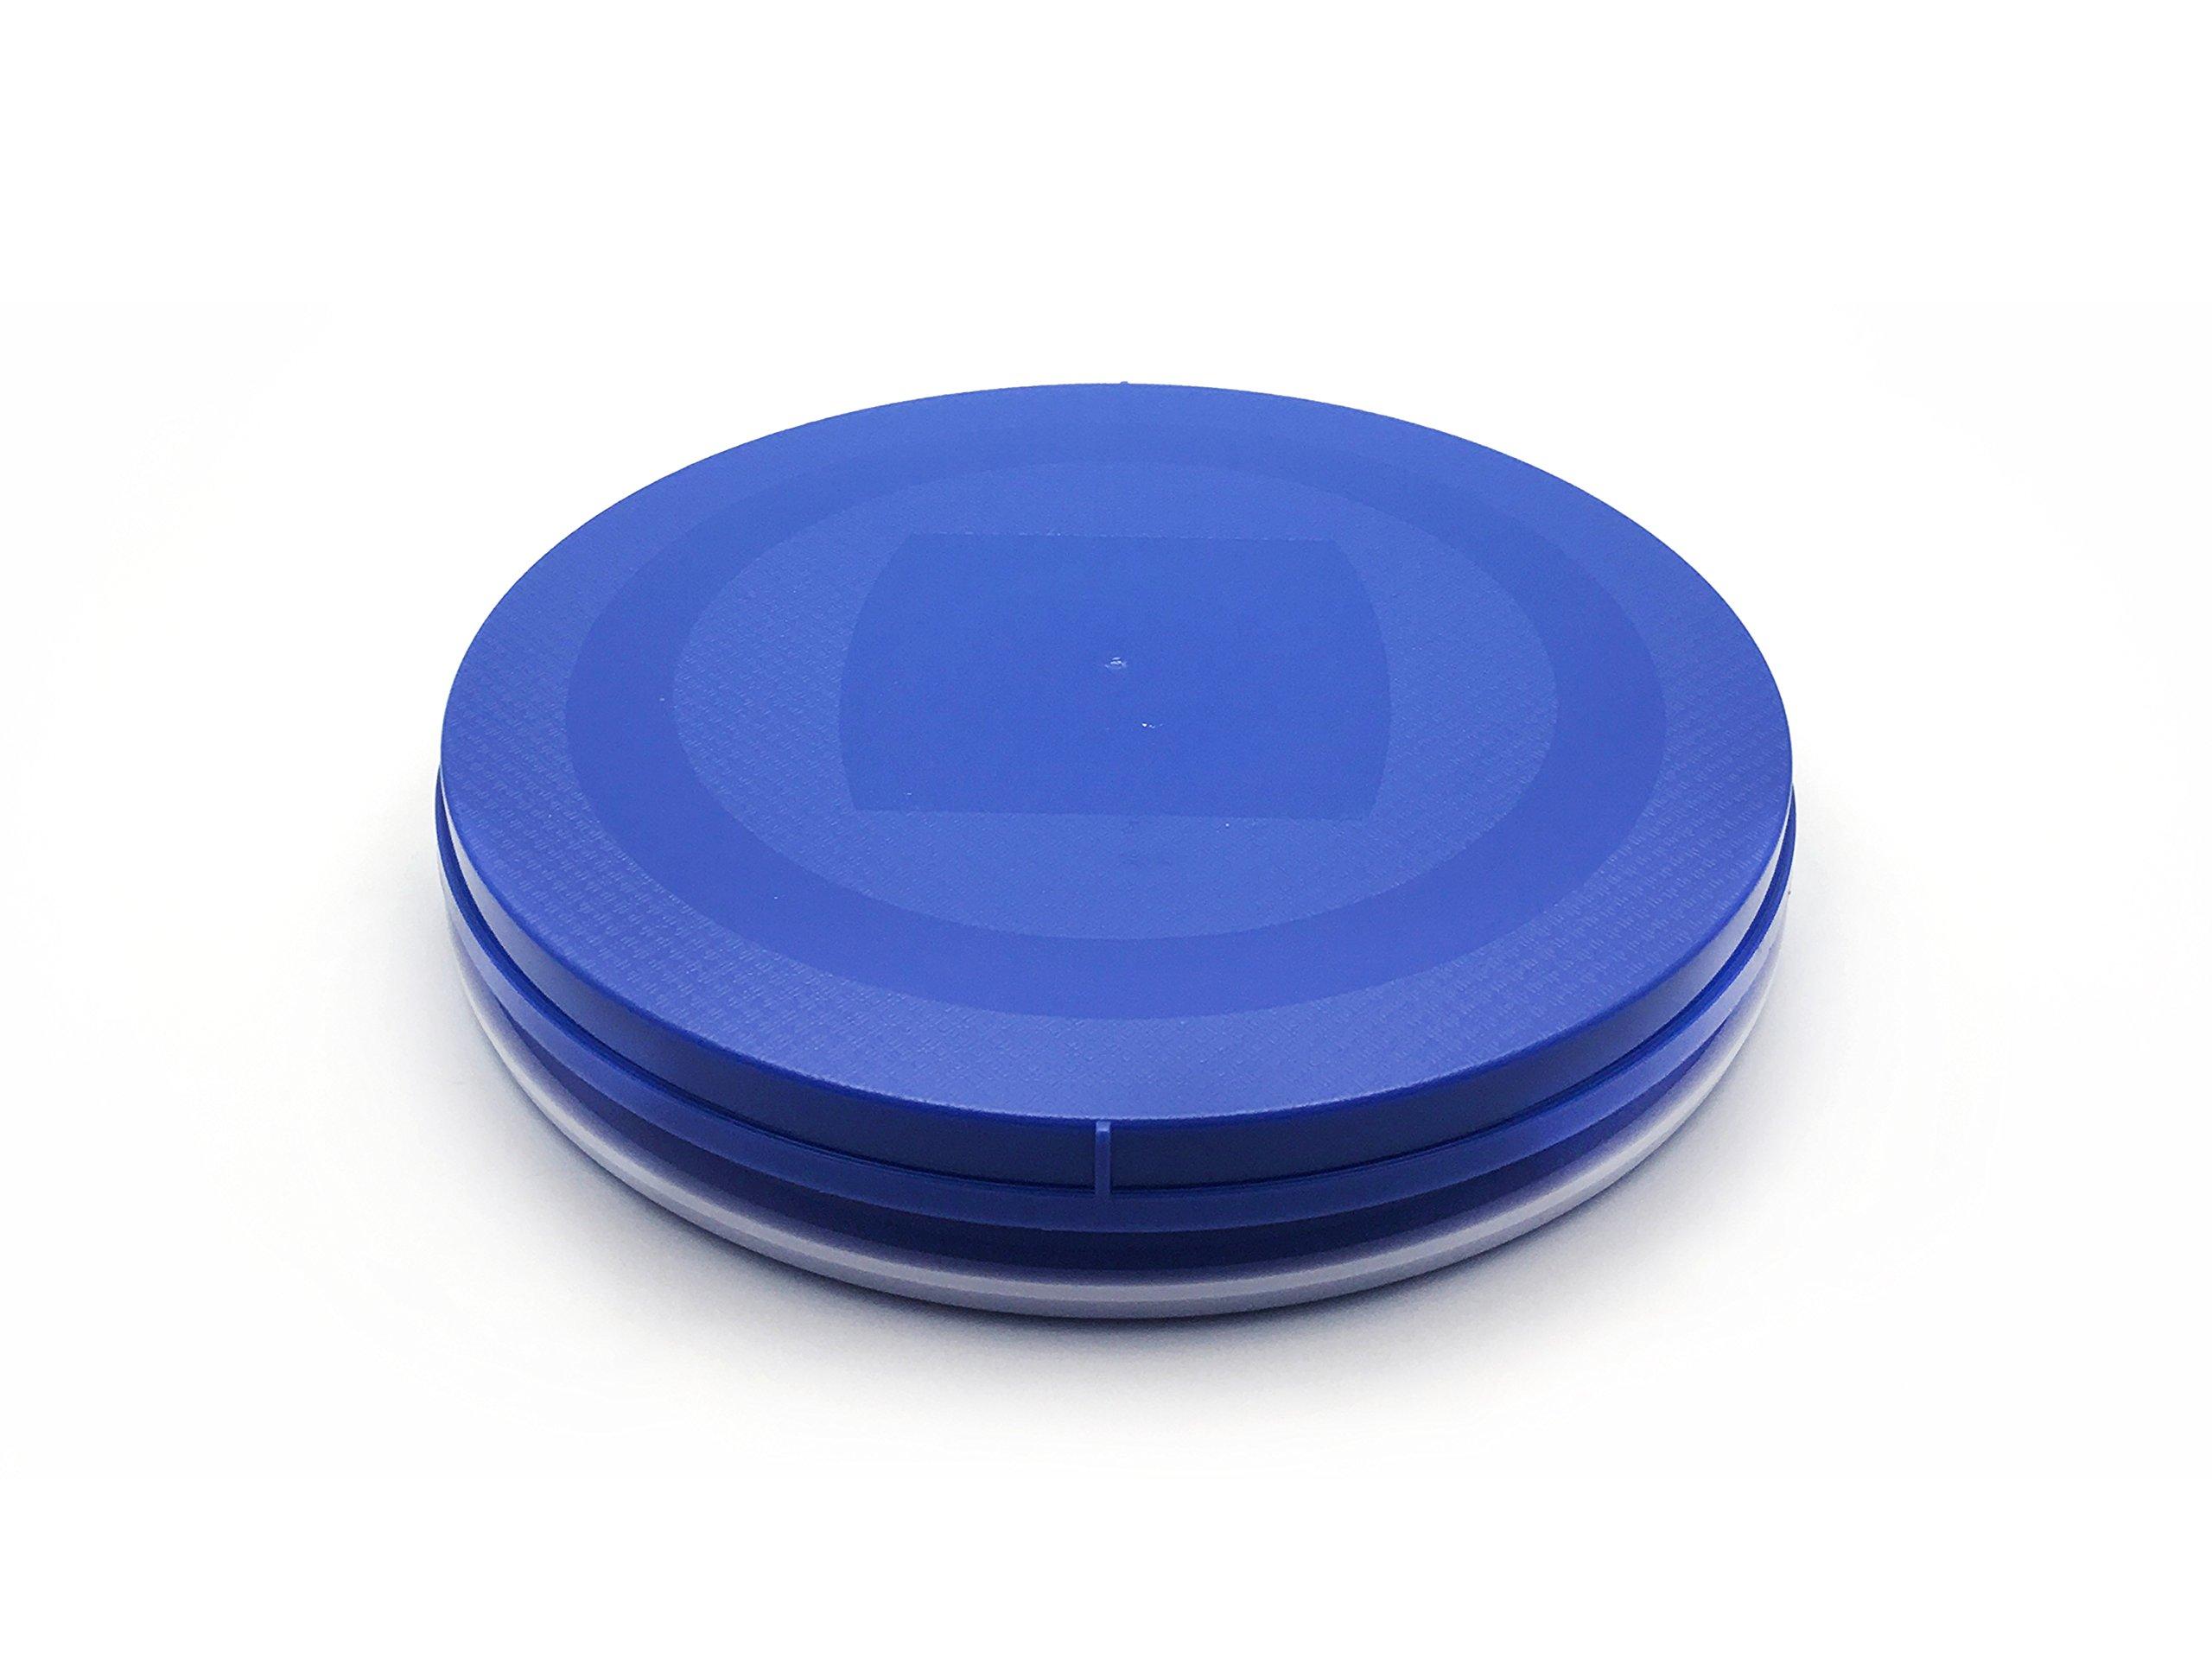 Anti-Ant Magic Tray, Shield, Pet Tray, No Ants Eat Foods (1)